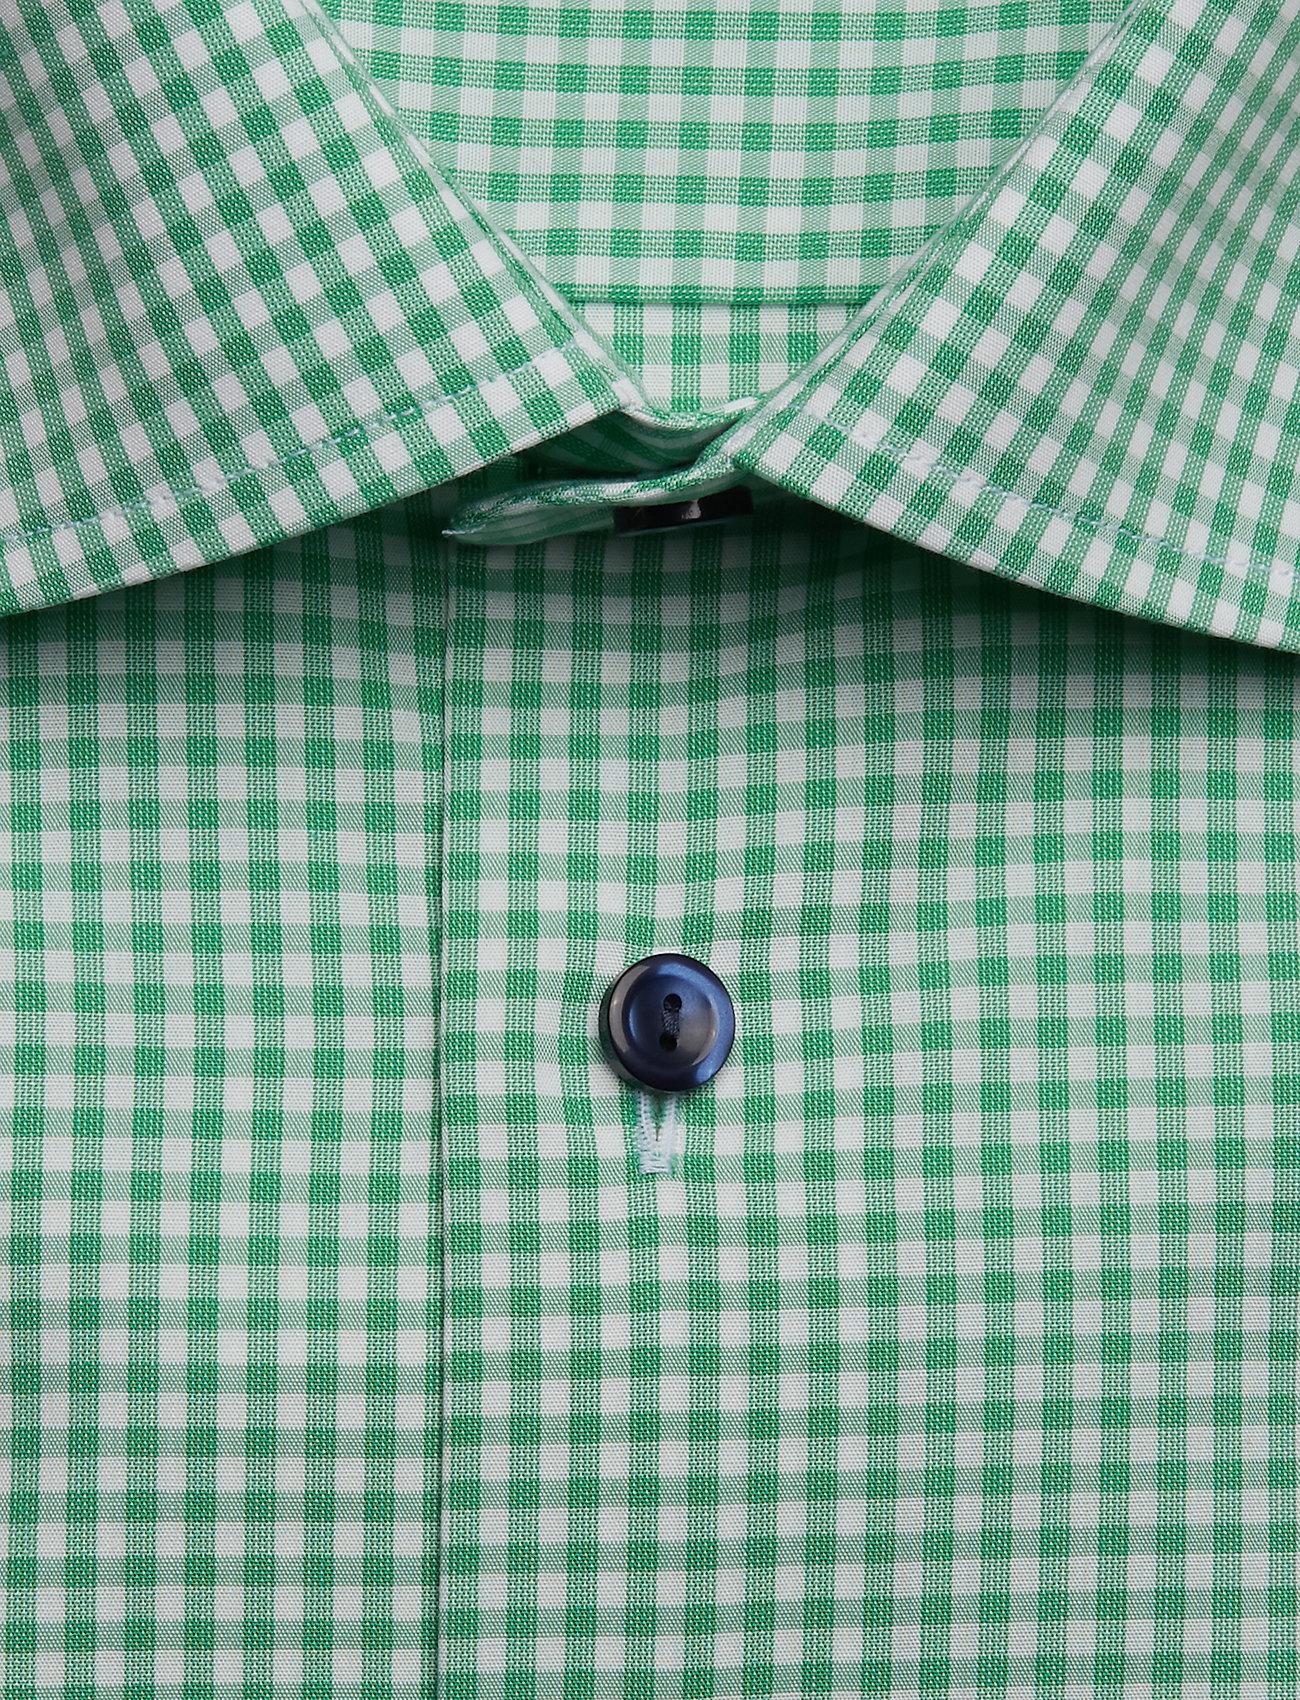 Check Blue Blue Blue Check ShirtEmbroiderygreenEton ShirtEmbroiderygreenEton ShirtEmbroiderygreenEton Check Check Blue 4RjALq35